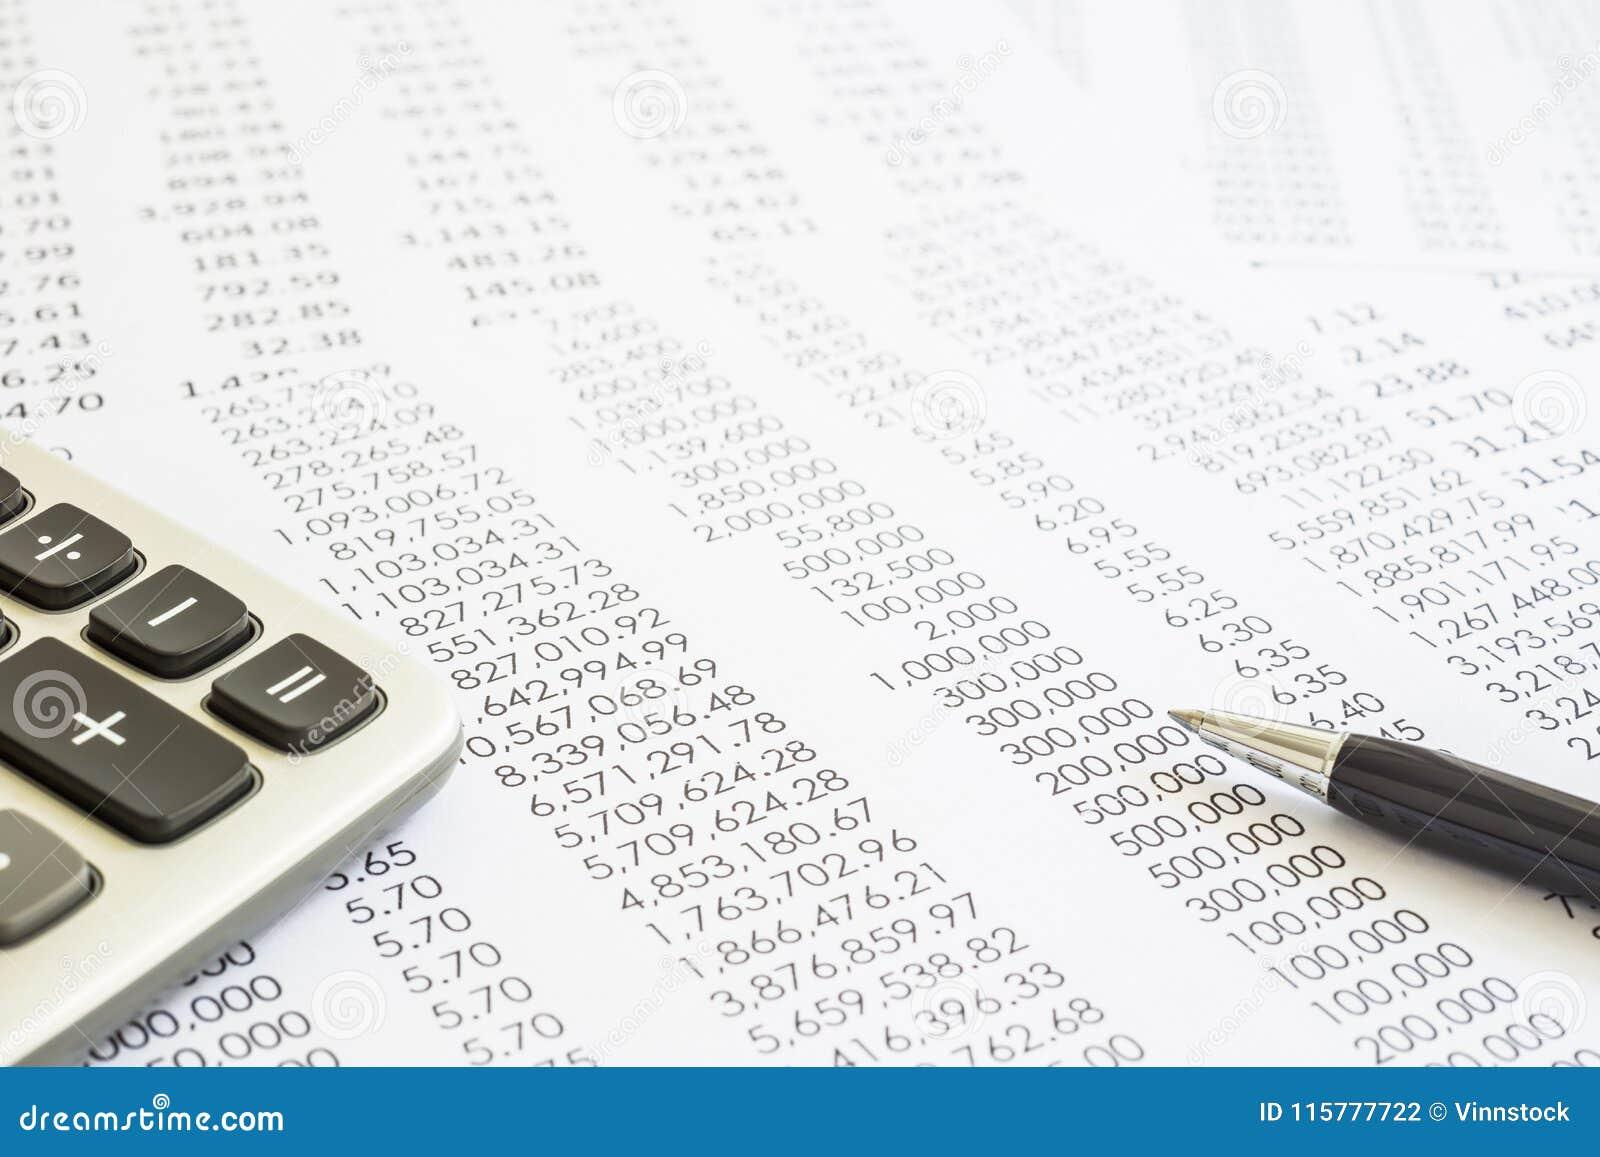 Rechnungsprüfungs- und Buchhaltungsberichte von Finanzberichten